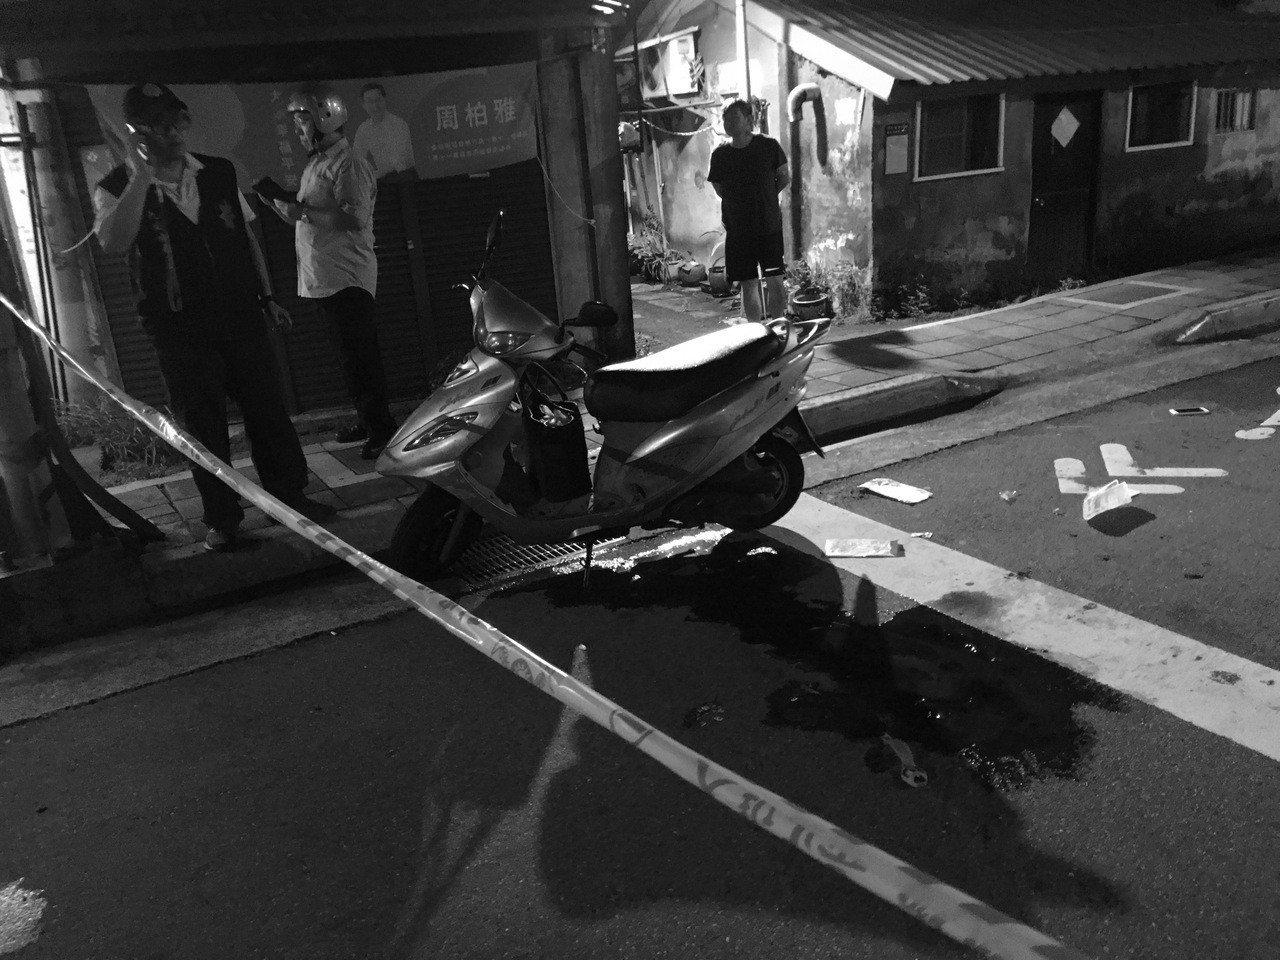 警方到場調查意外發生原因。記者李隆揆/攝影